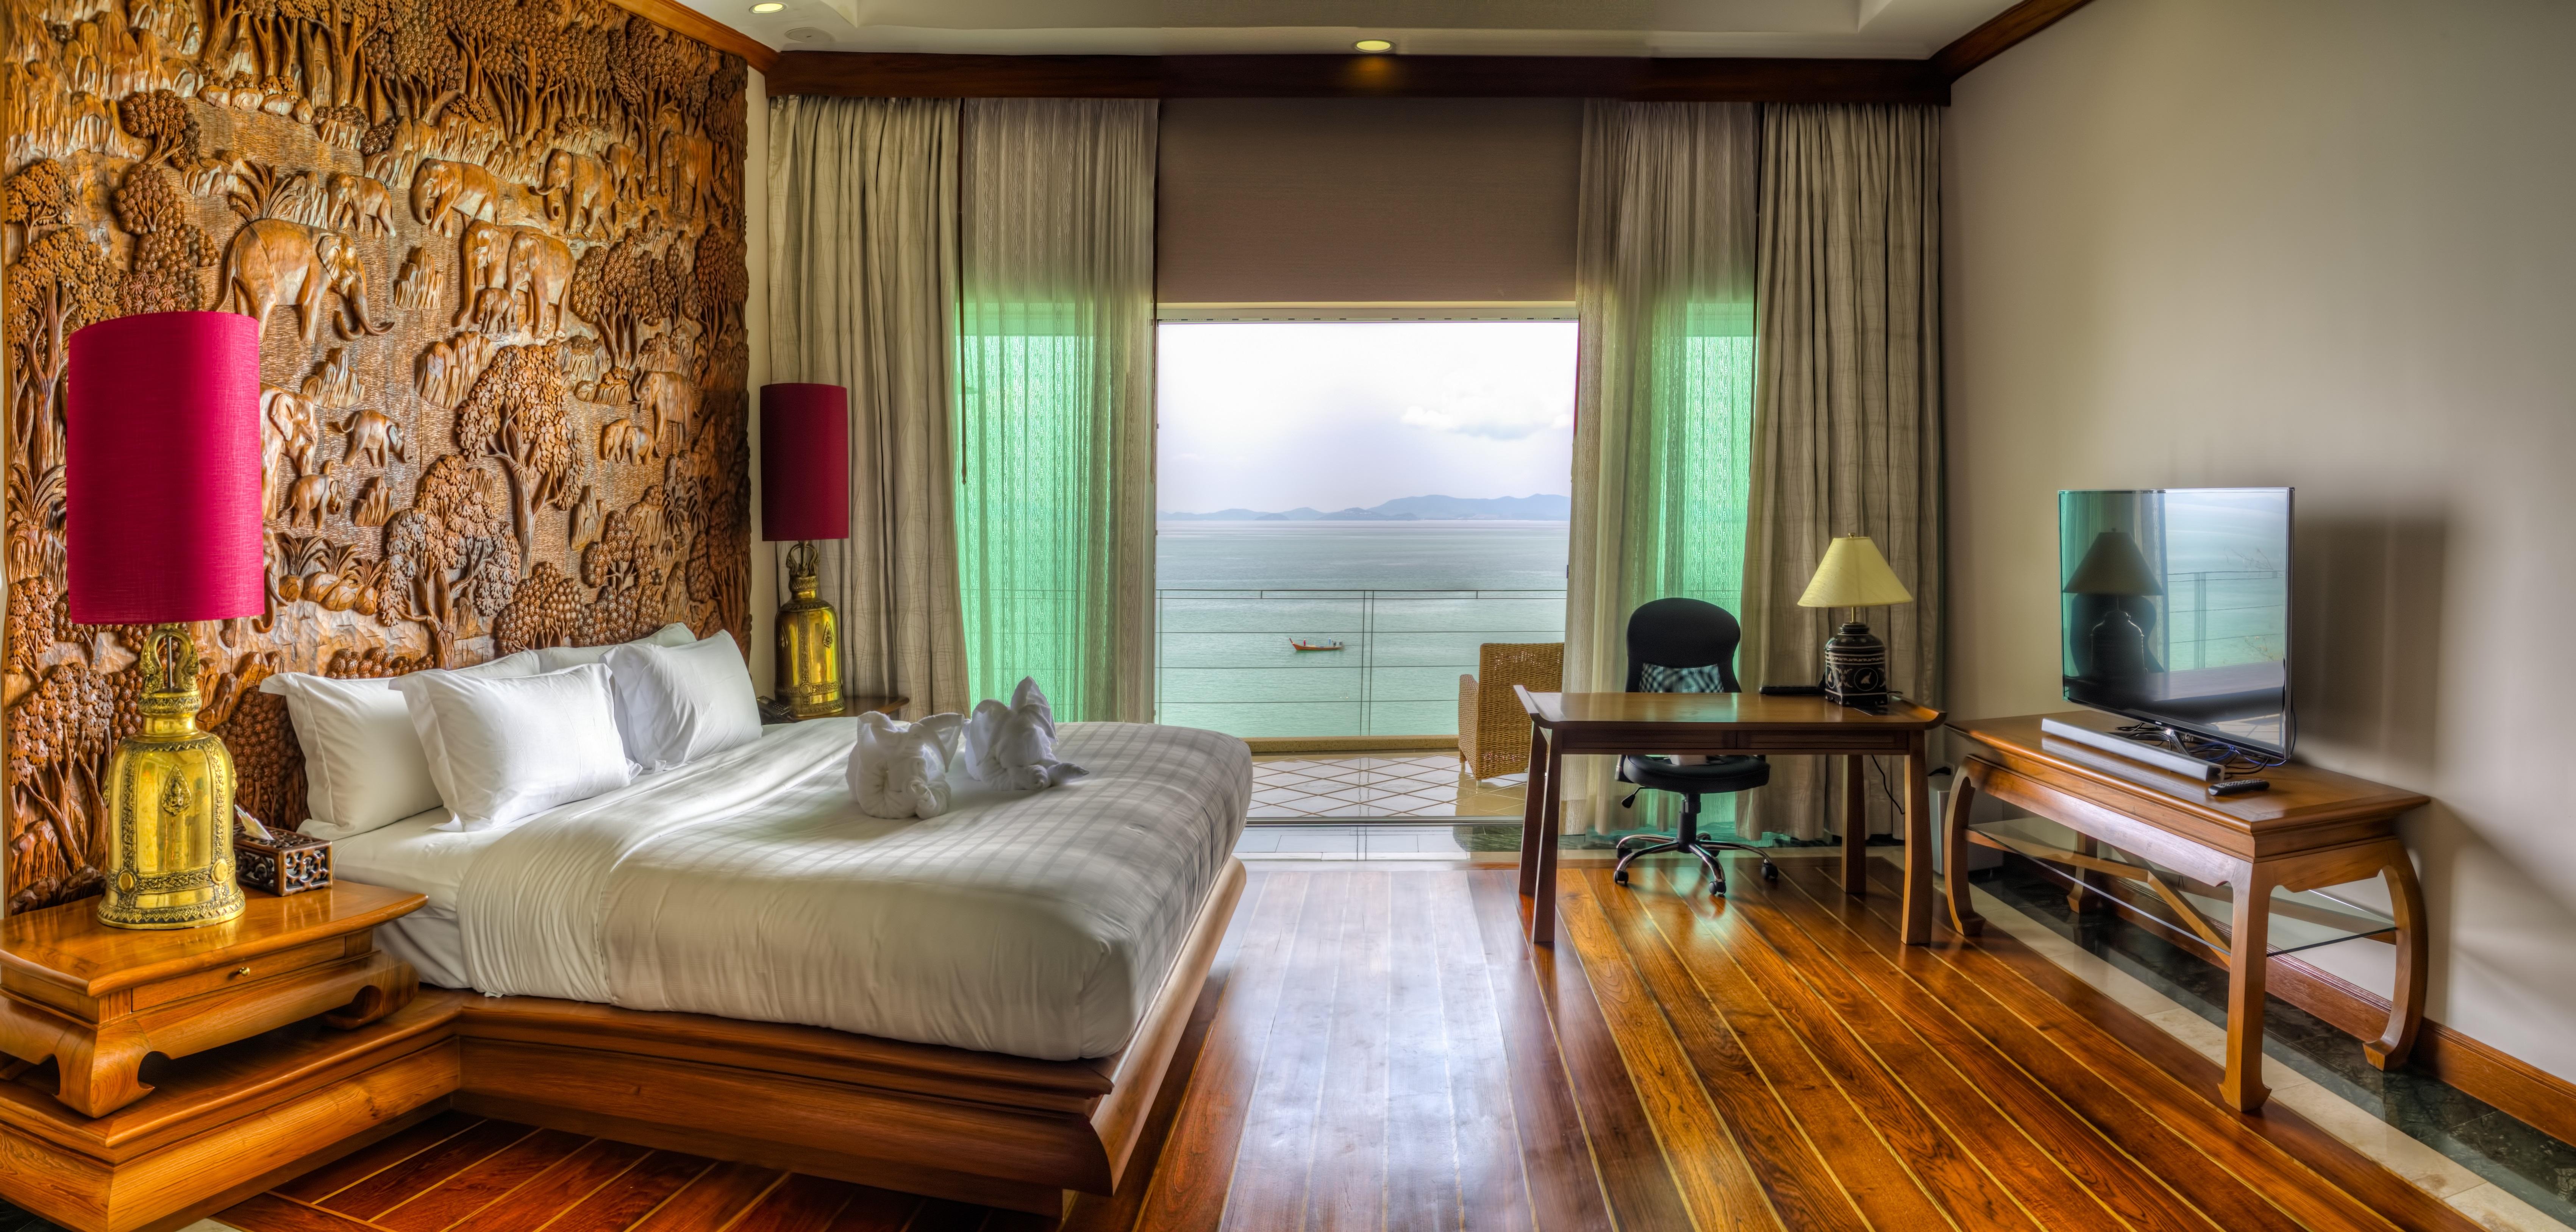 3.Seaside Villa Seaside #1 Bedroom